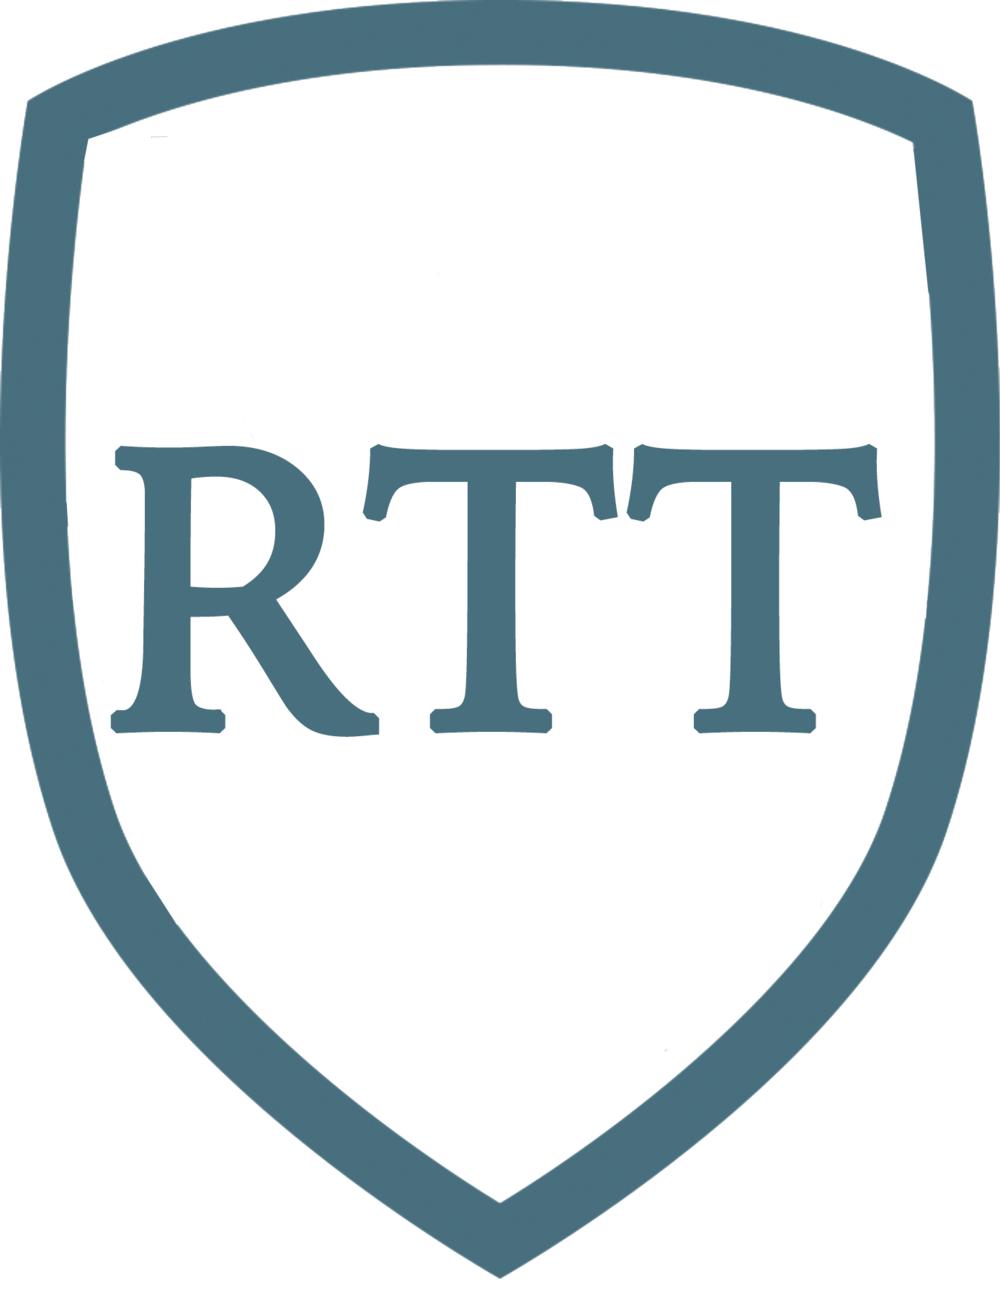 cropped-rtt-logo-1.png